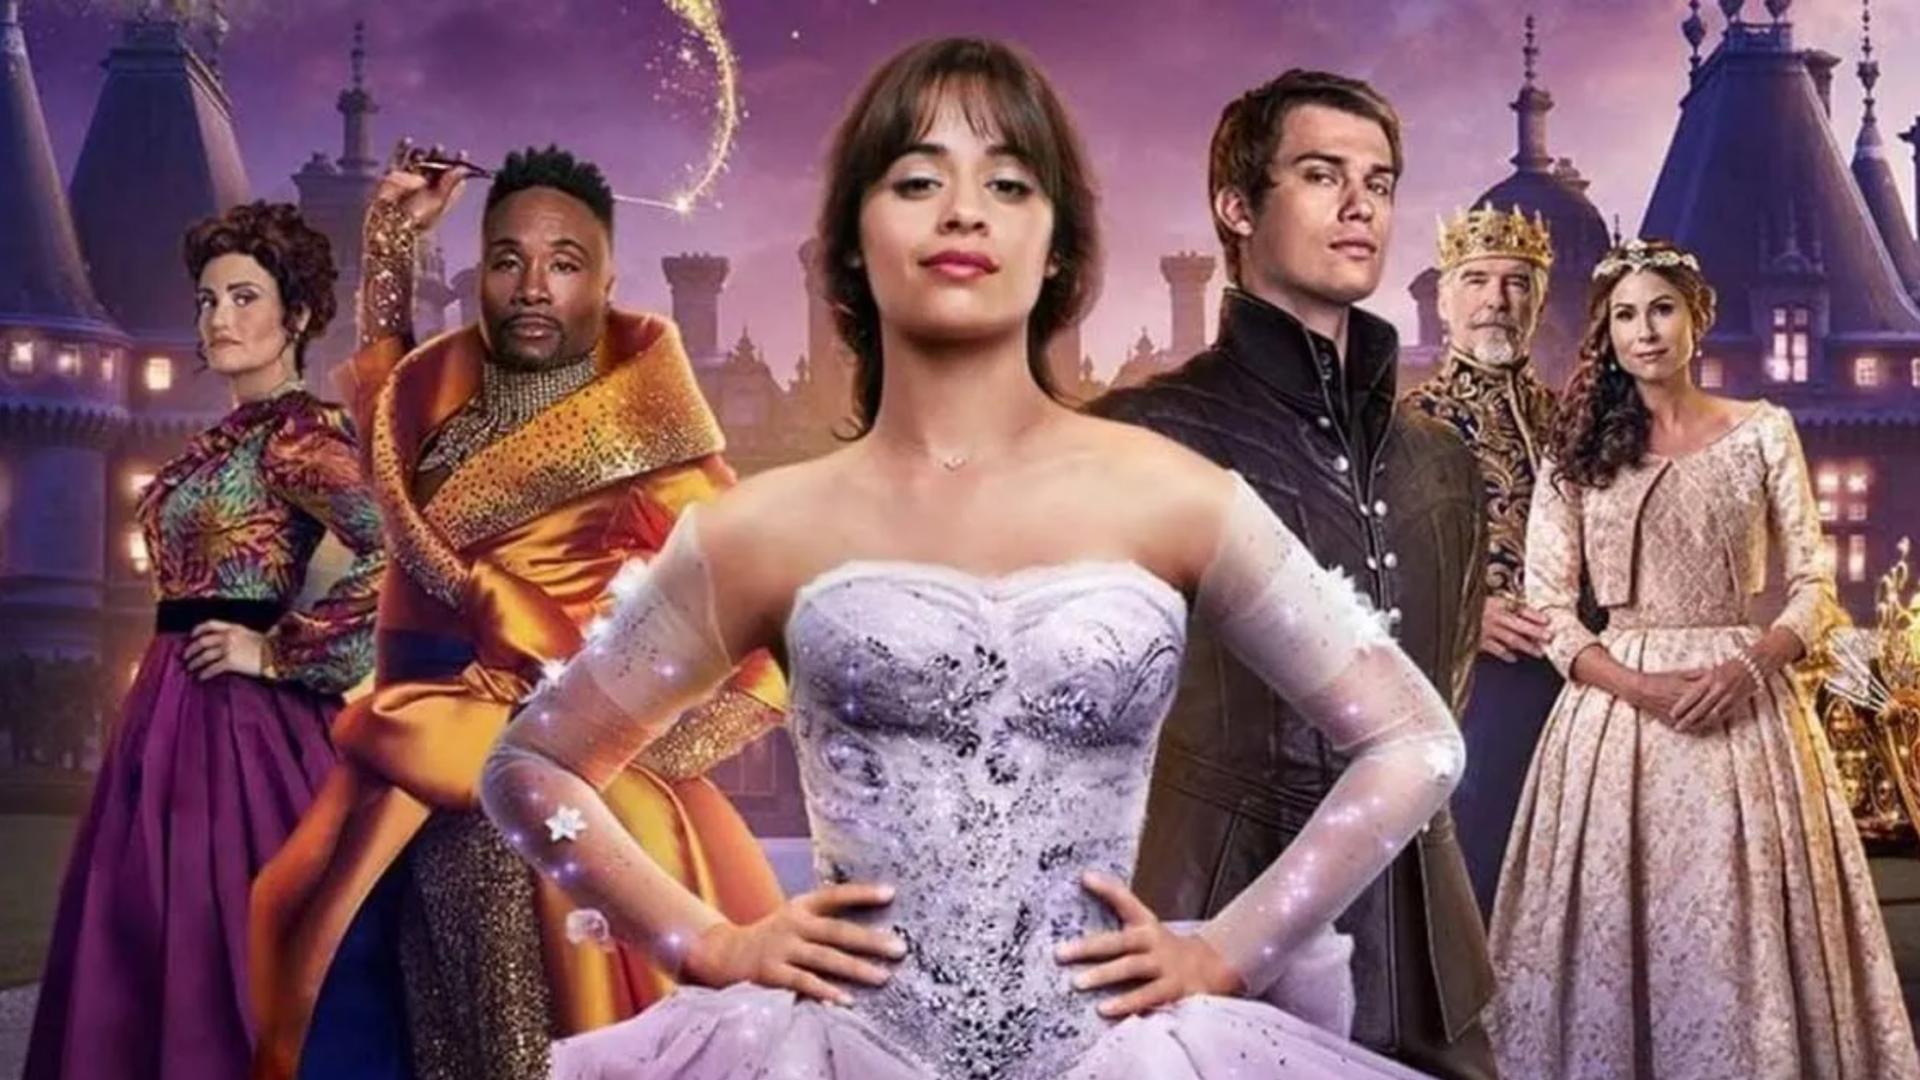 Cinderella: Reimagined